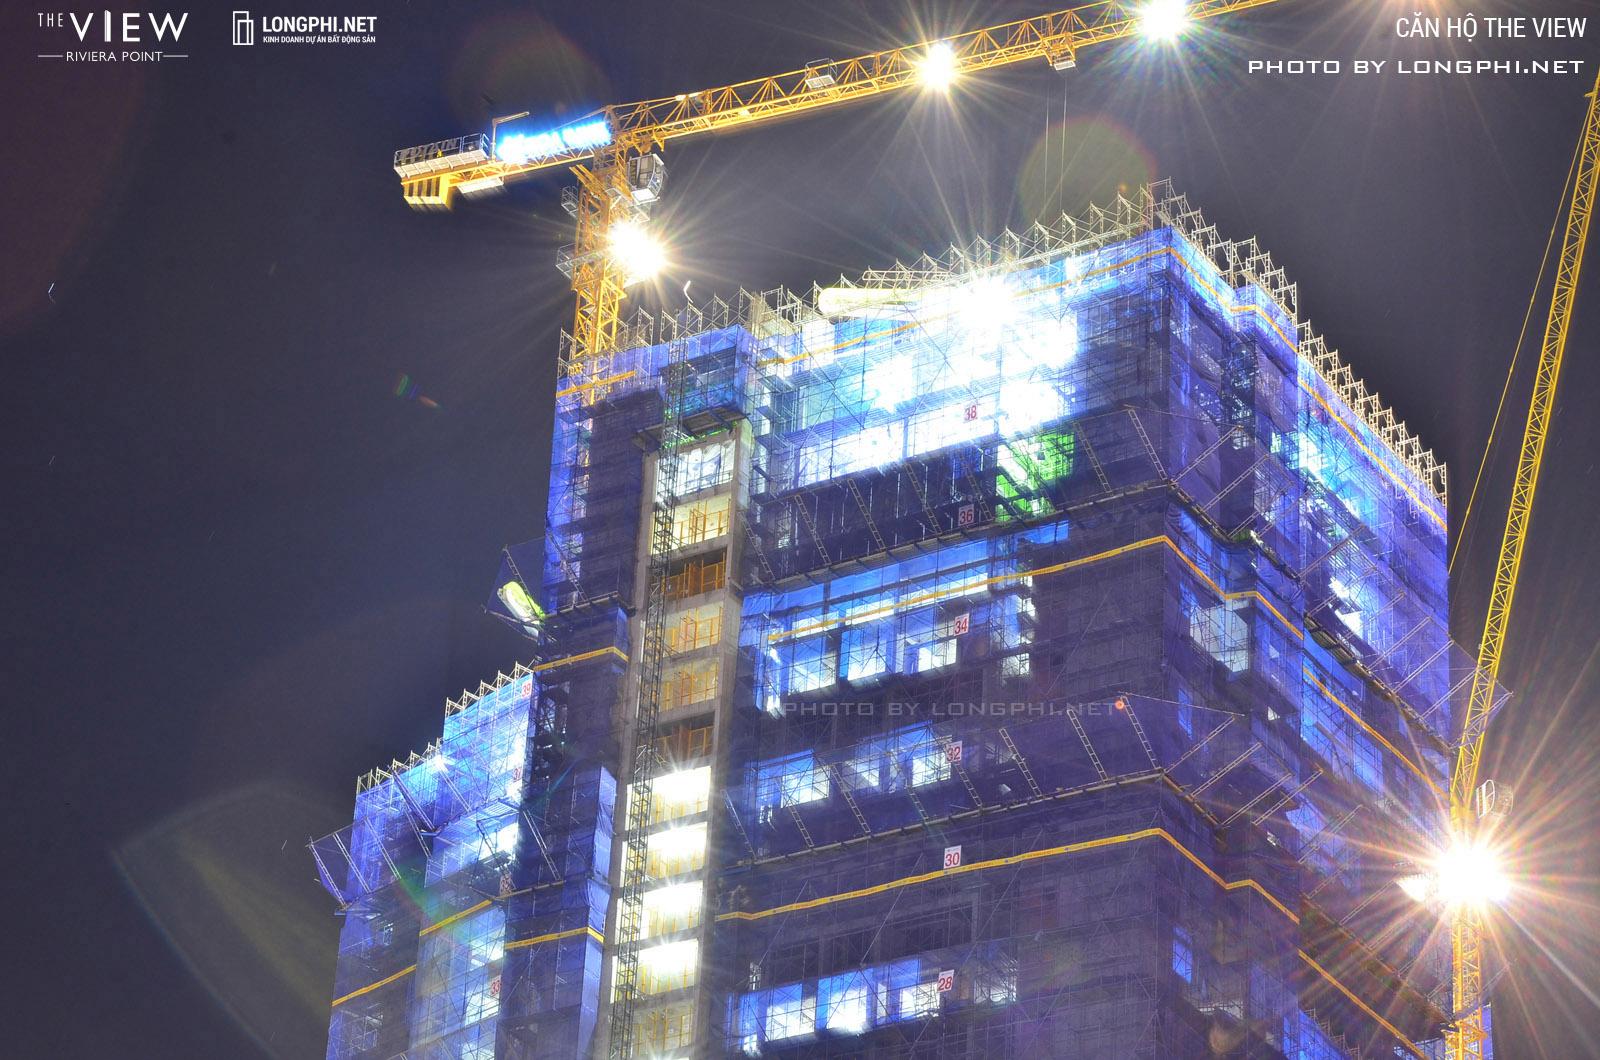 Tháp 8 (T8) căn hộ The View đã thi công đến tầng 40 - tầng đỉnh tòa nhà.